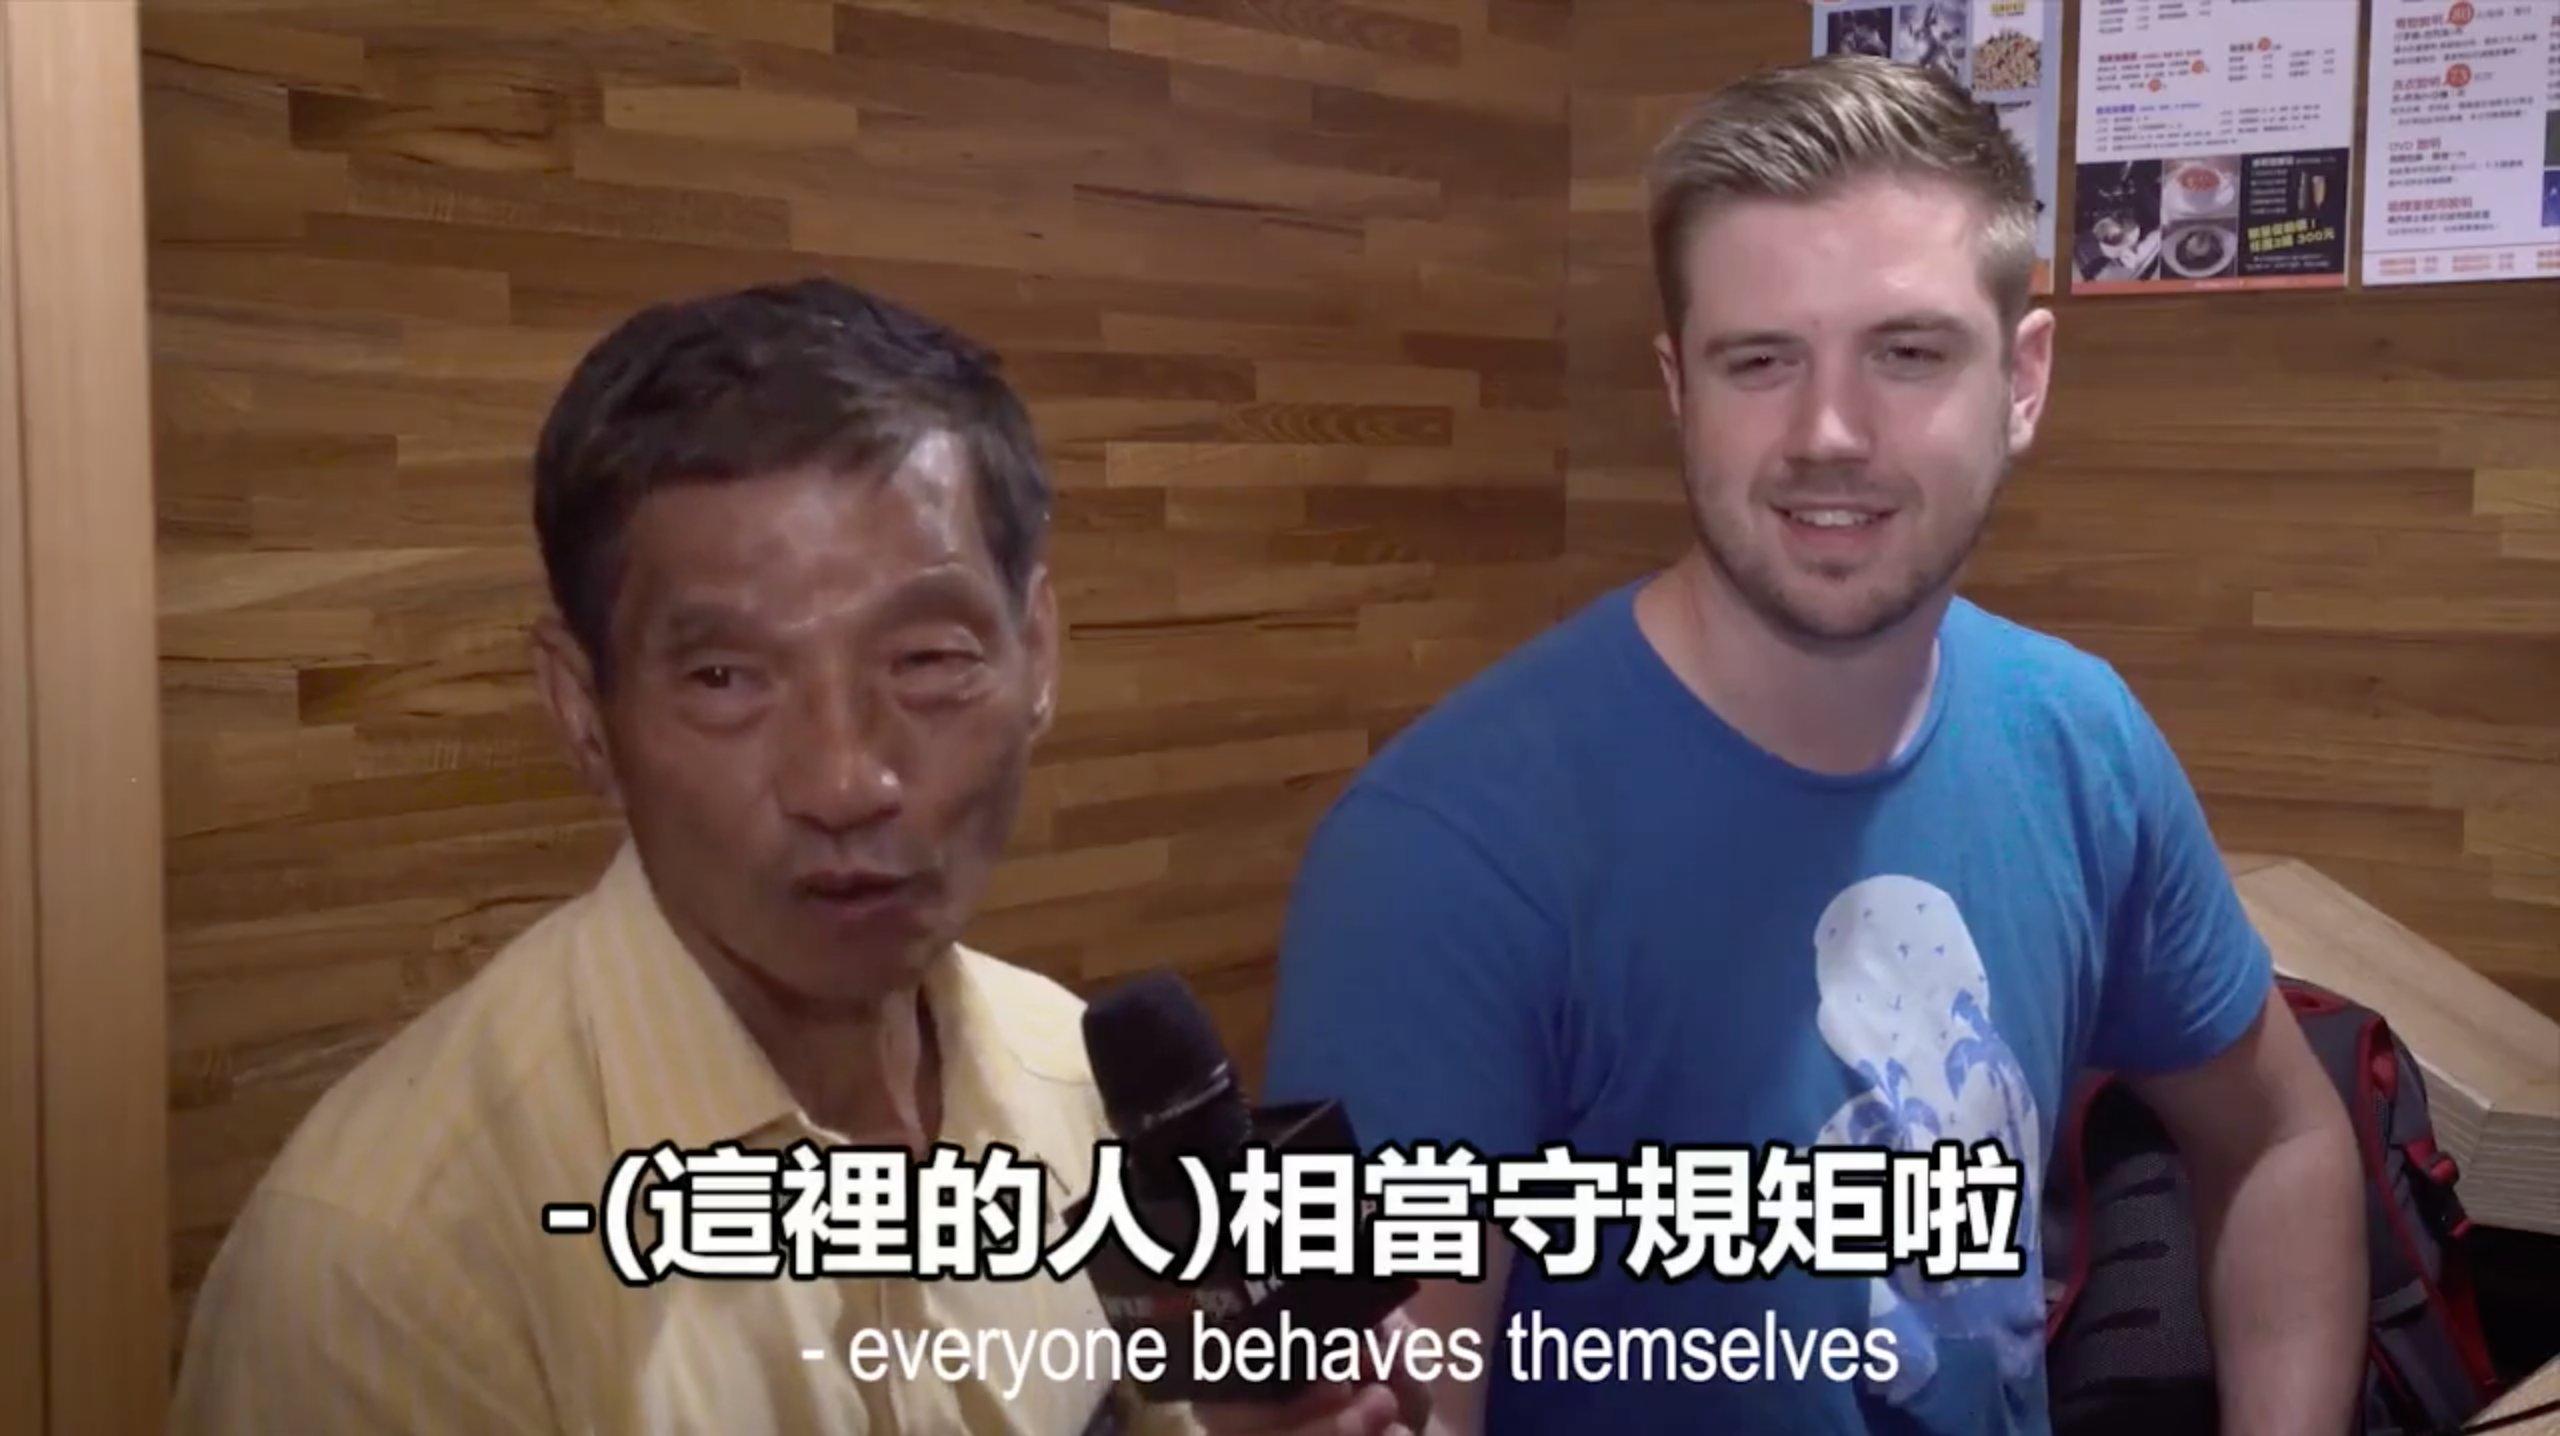 e89ea2e5b995e5bfabe785a7 2017 12 05 e4b88be58d8812 43 01 1 - 外國人眼裡的網咖 究竟是台灣之恥還是台灣之光?